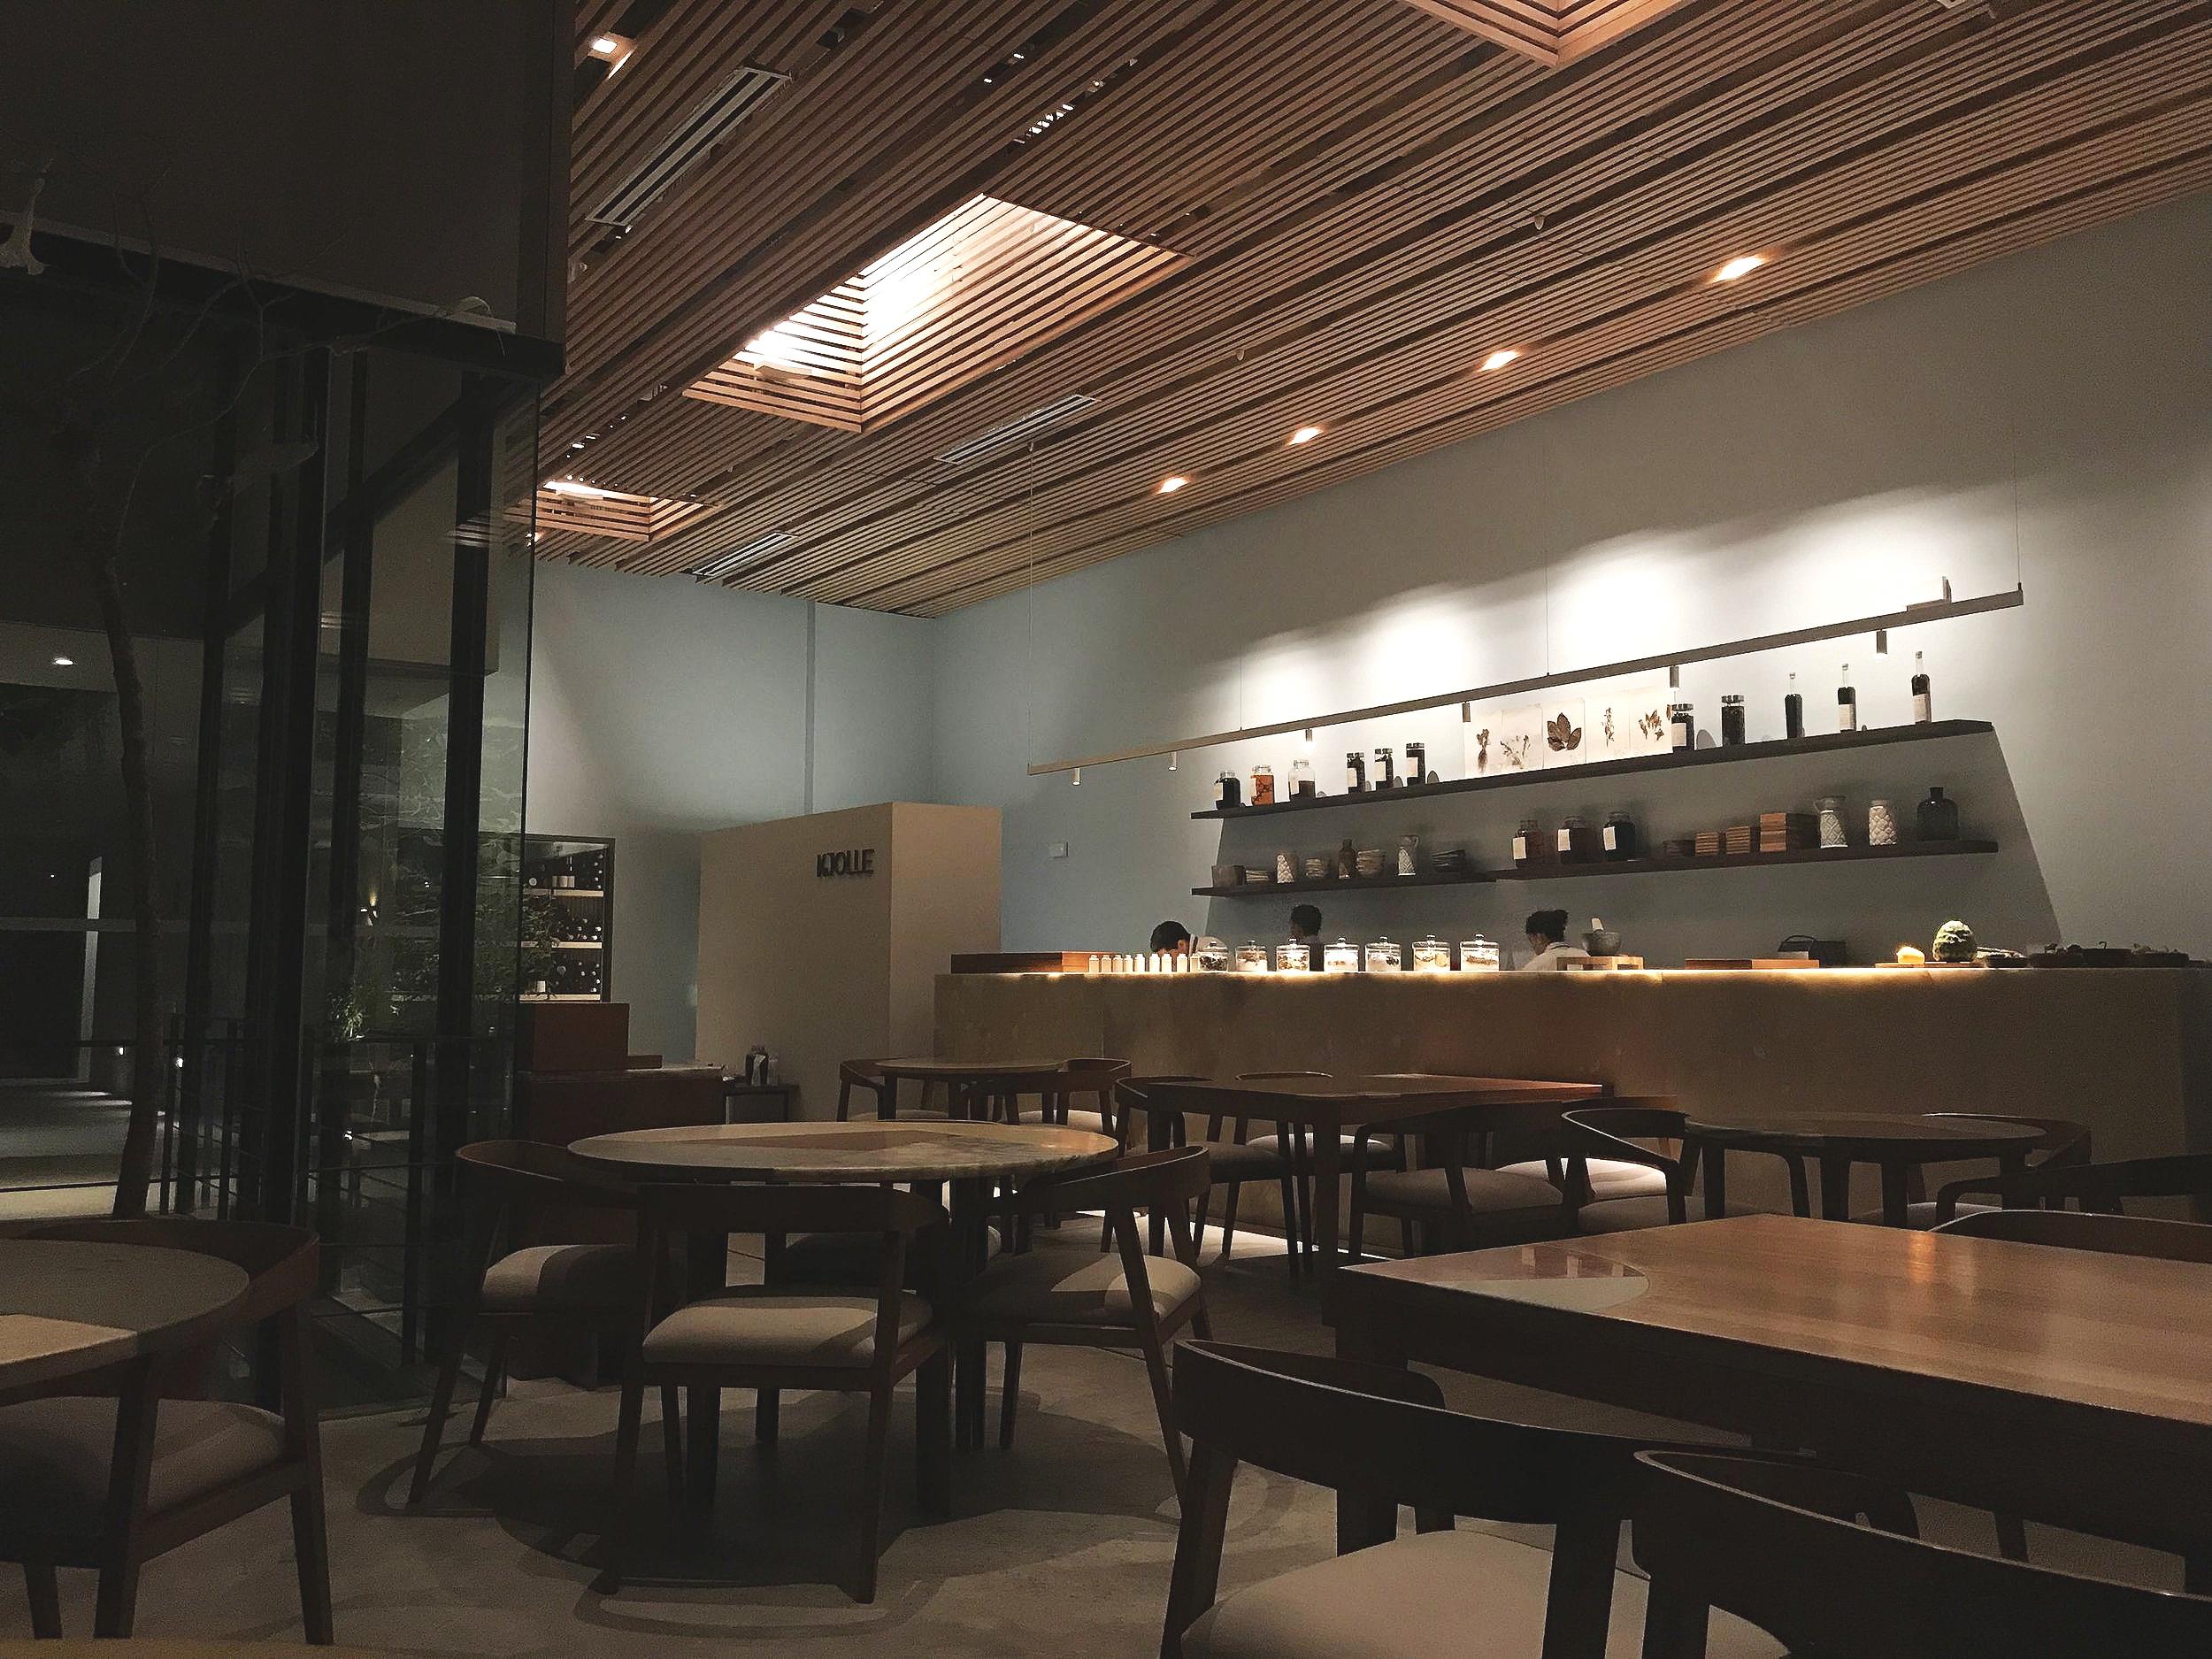 Kjolle restaurant